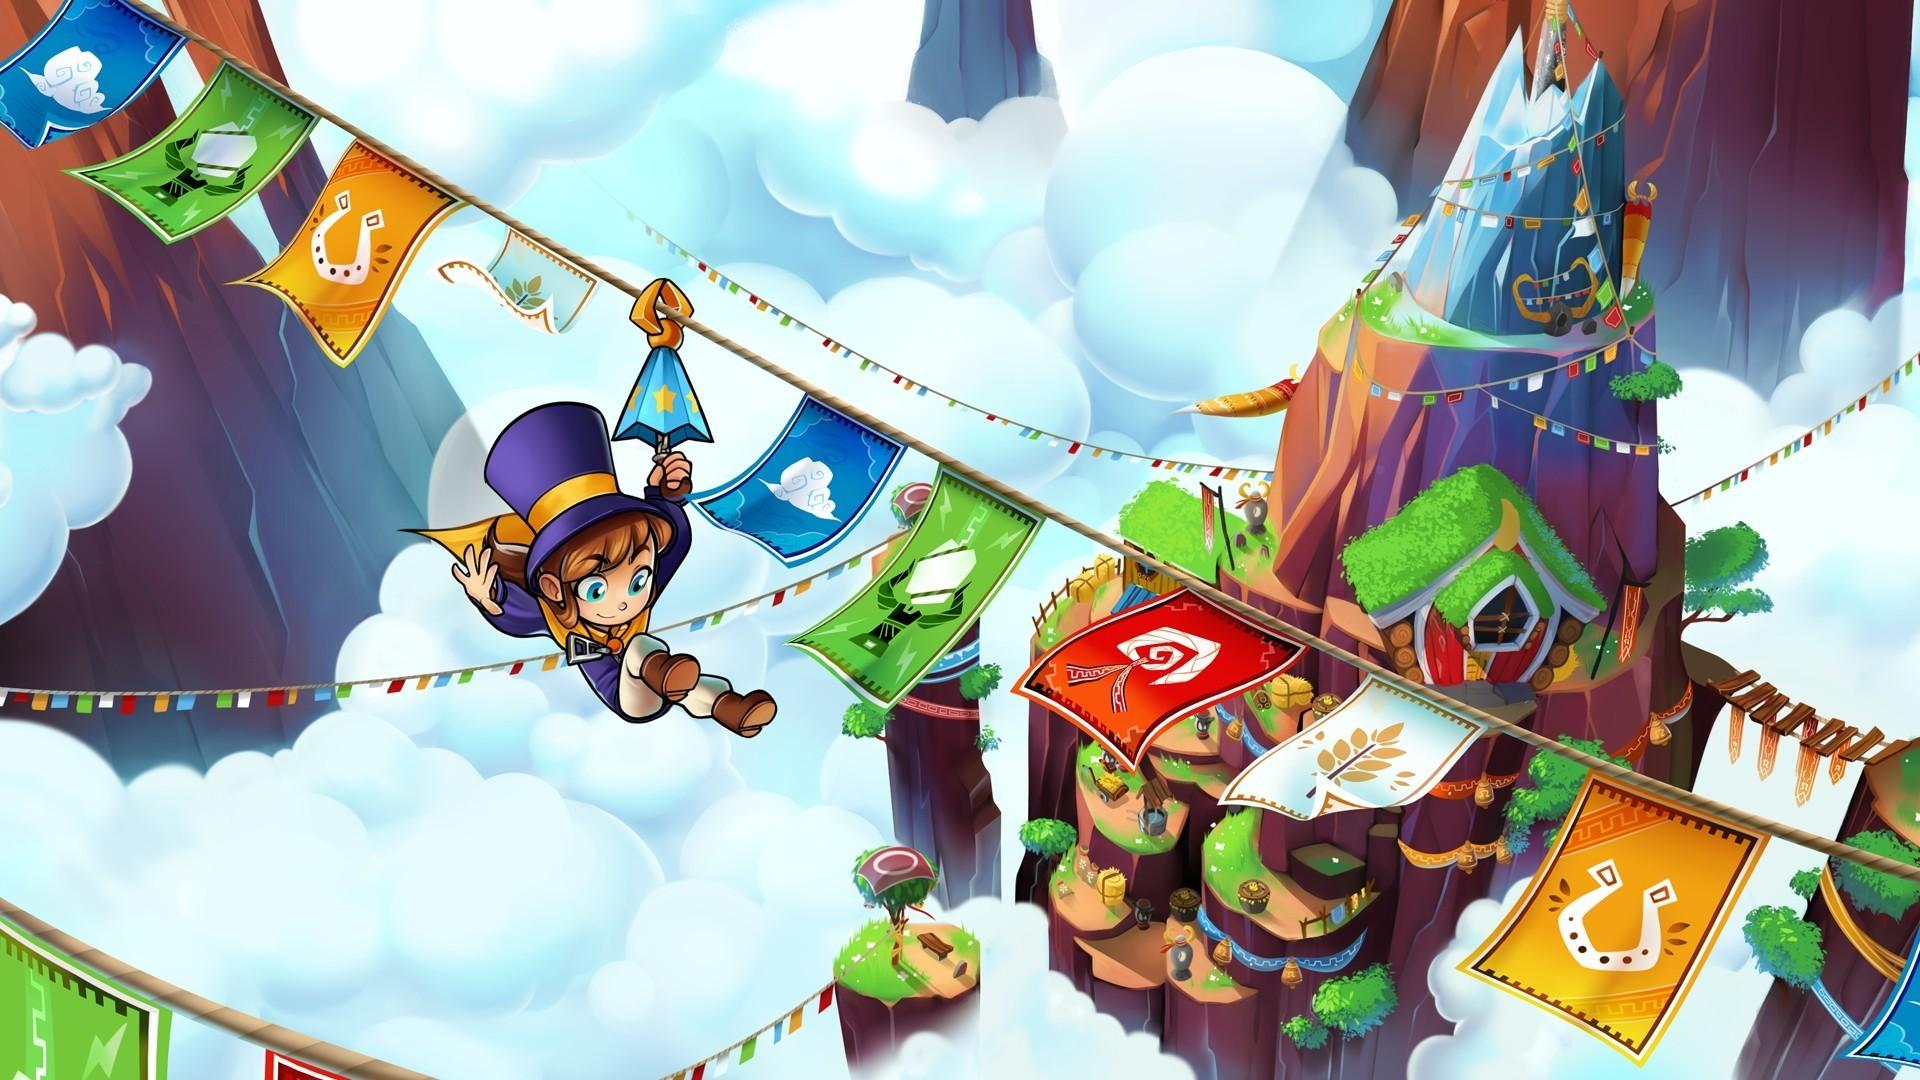 Wallpaper A hat in time, kid, swing